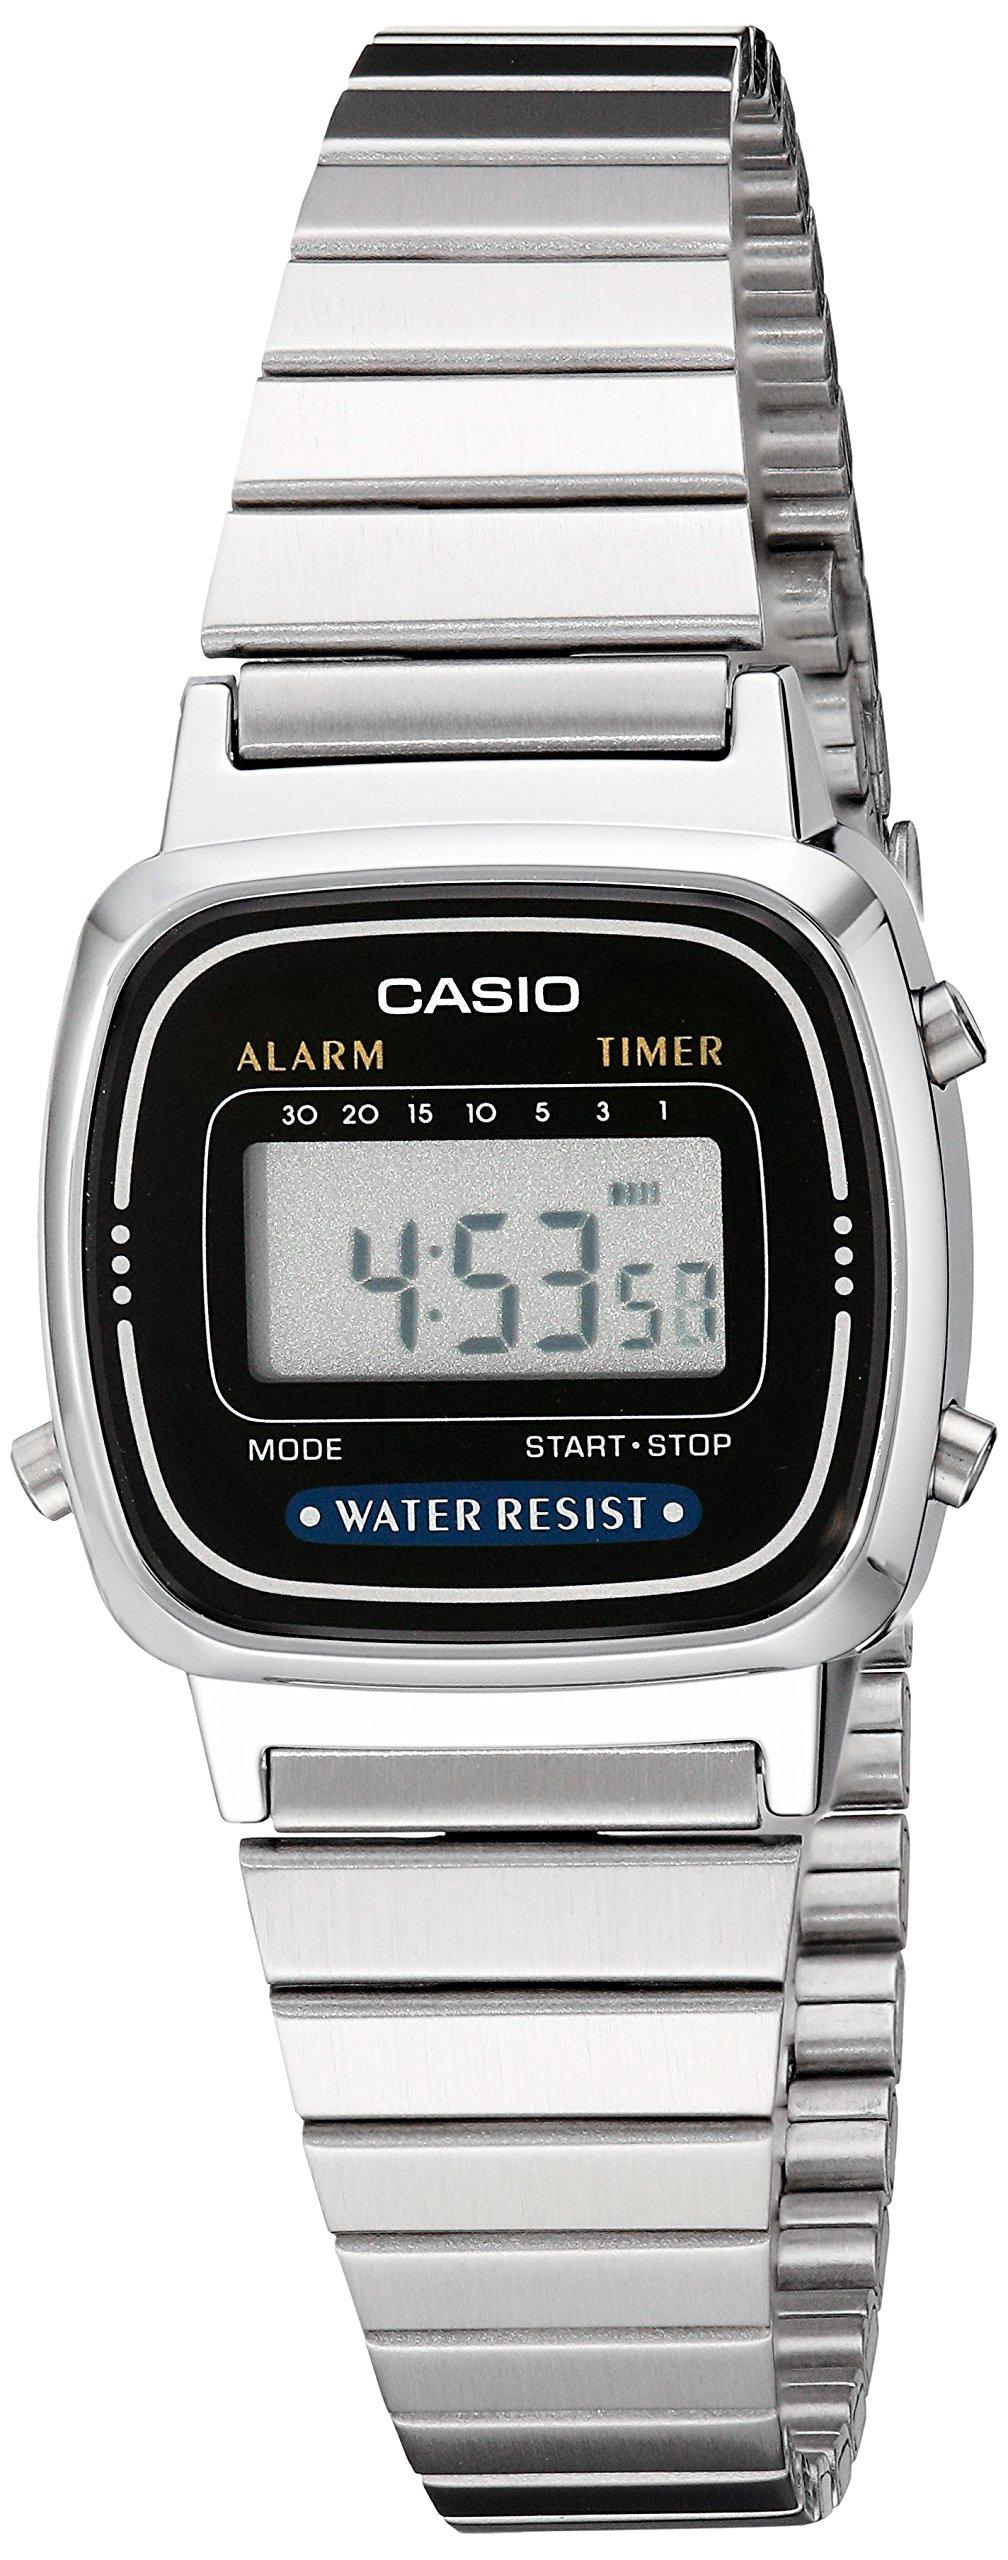 Casio Women's LA670WA-1 Daily Alarm Digital Watch by Casio